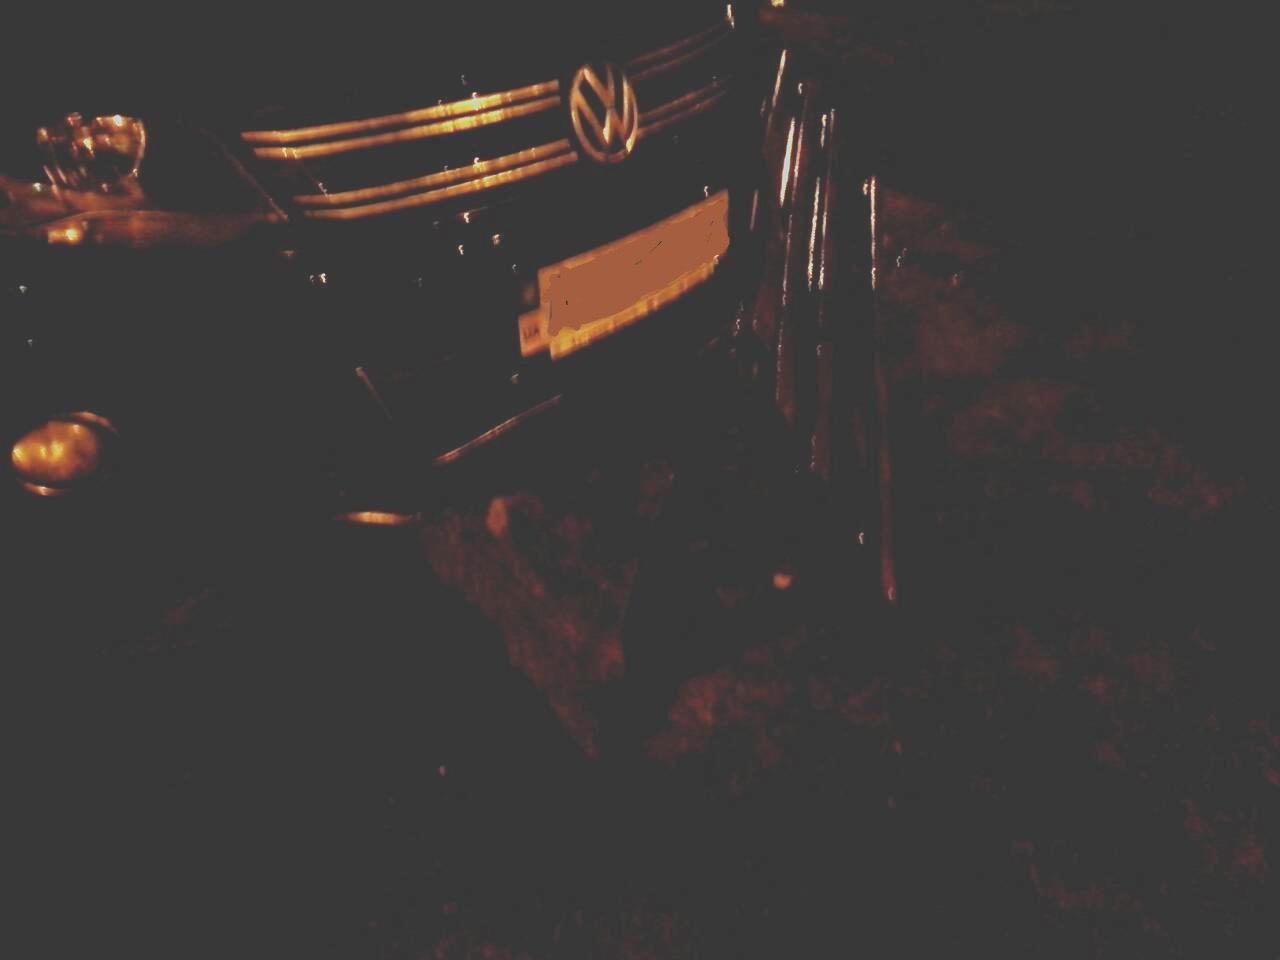 Харьковский автолюбитель удивил соседей (ФОТО)